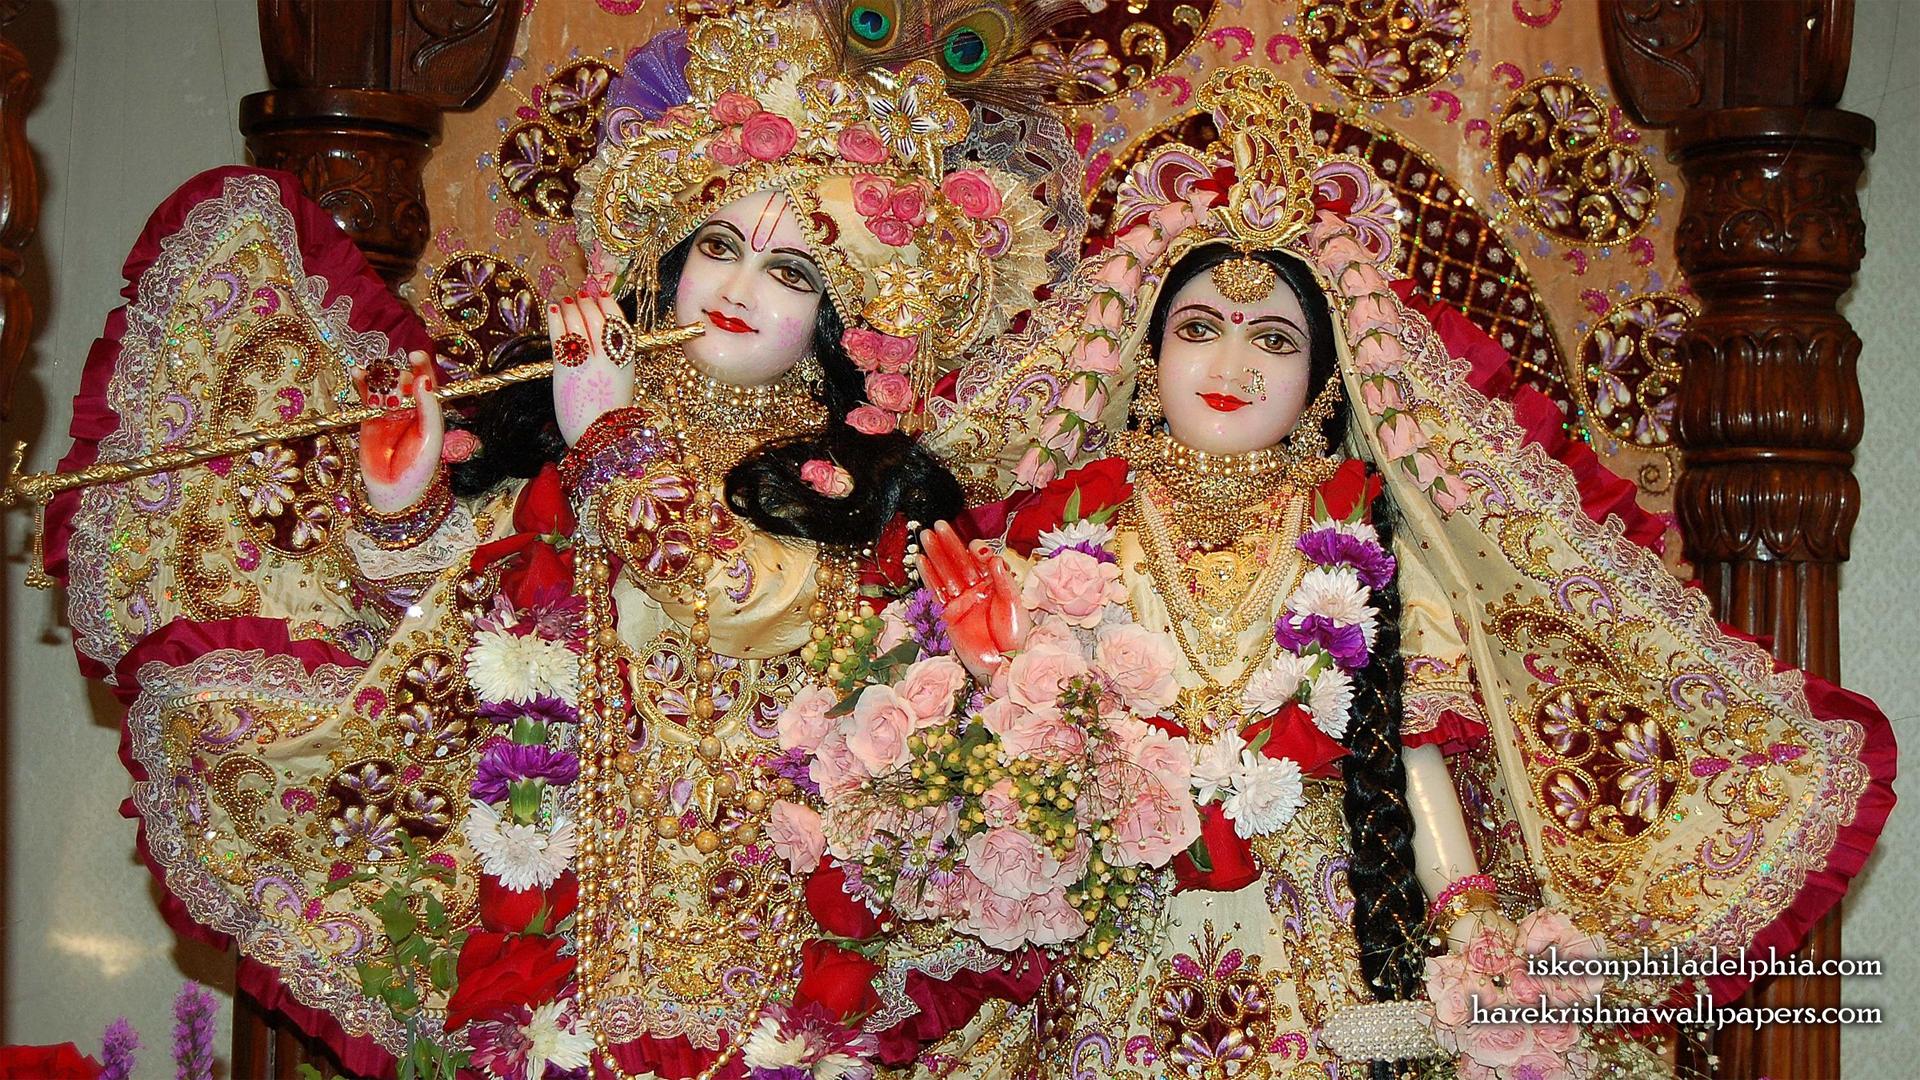 Sri Sri Radha Krishna Close up Wallpaper (015) Size 1920x1080 Download